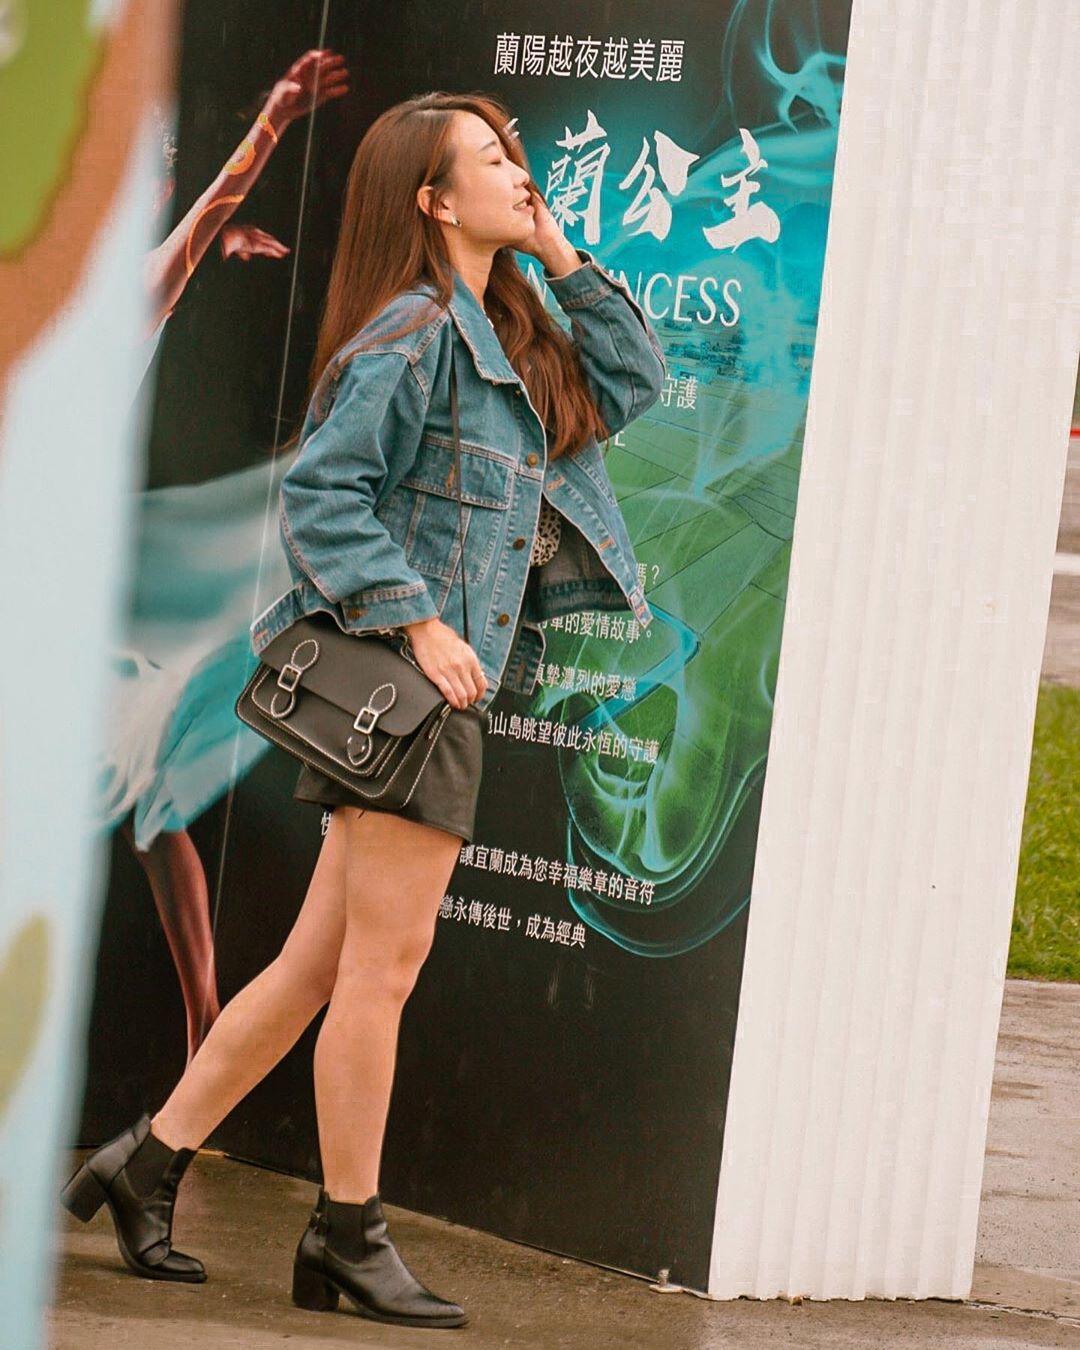 圖7 ireneliu.0116 2020噶瑪蘭公主文創光雕展 2020噶瑪蘭公主文創光雕展 | 不再羨幕雪梨燈光節,蘭陽博物館炫麗光雕秀,浪漫經典傳說點亮烏石港夜晚 | 宜蘭旅遊景點 2021